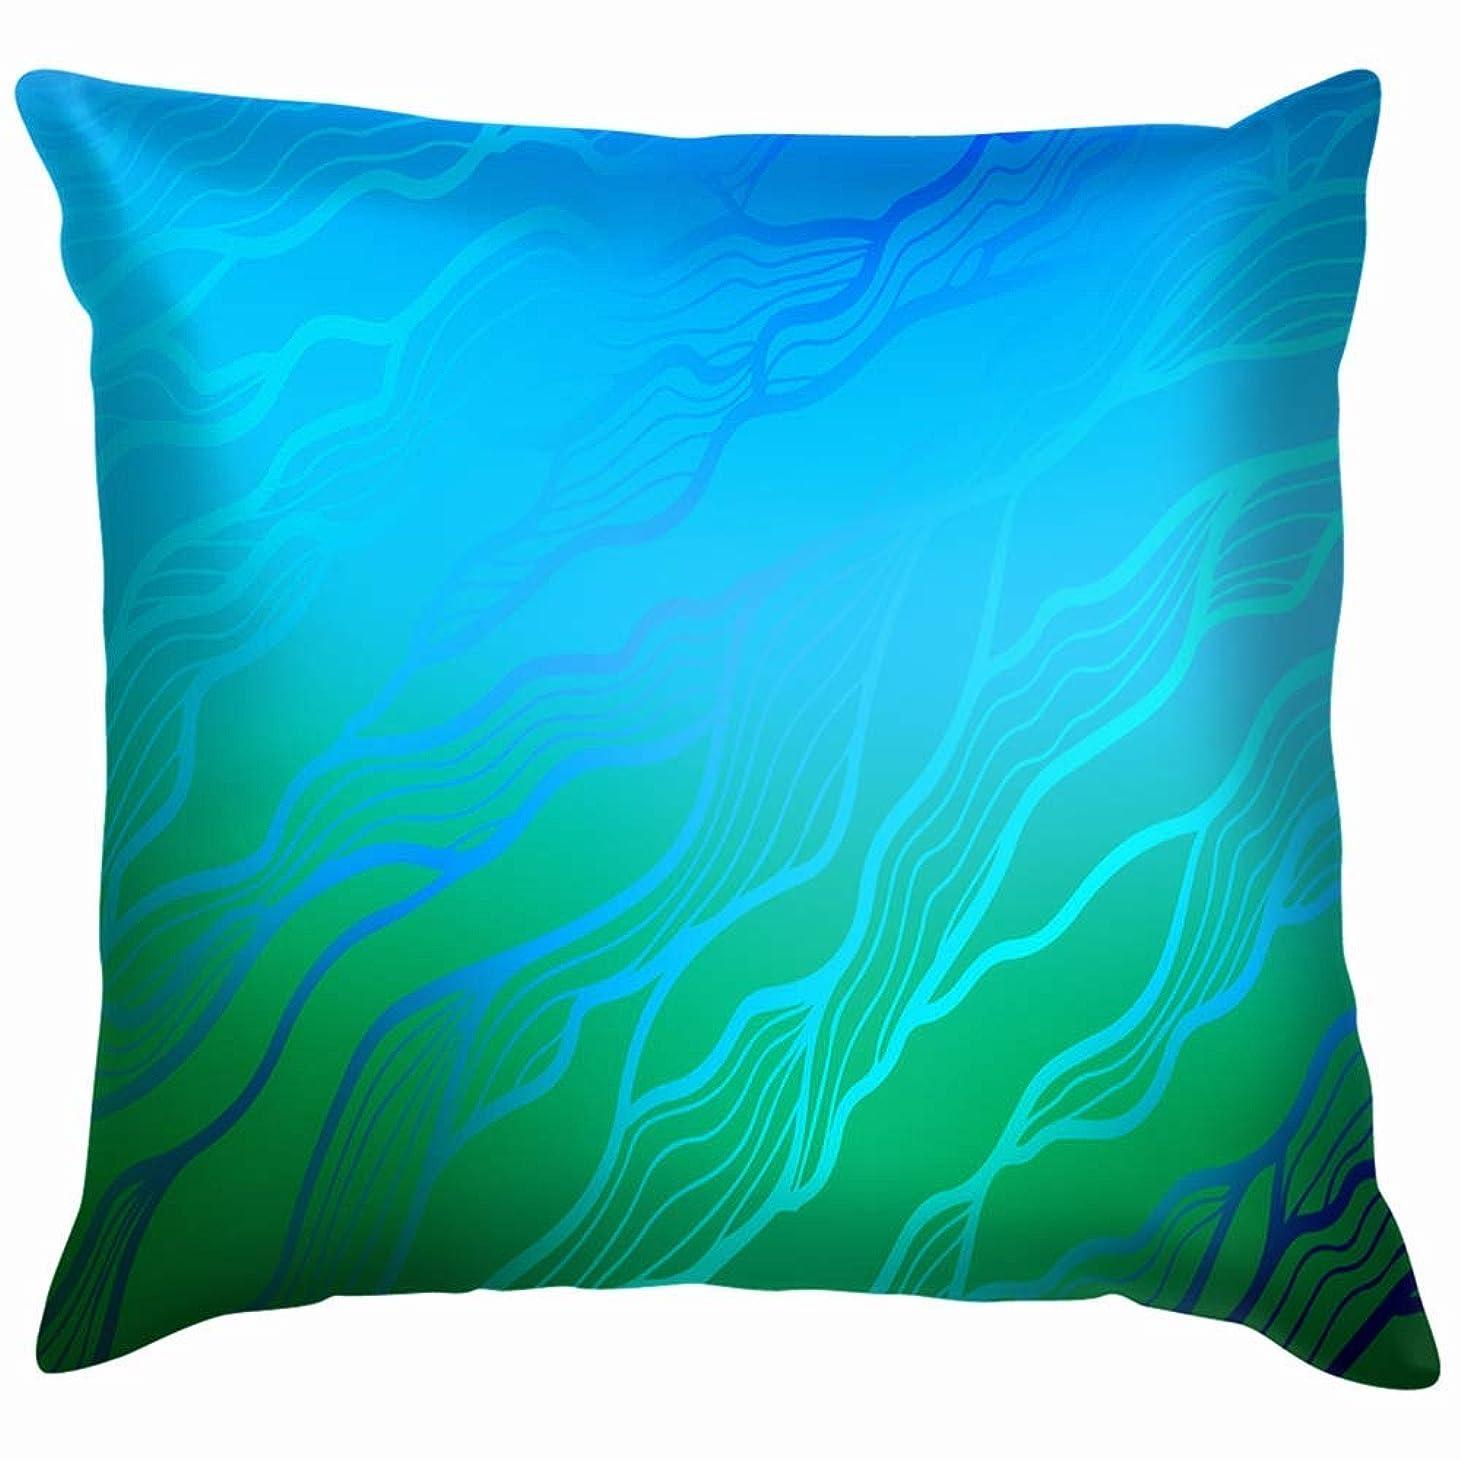 グロー報いる結果としてライトブルーグリーンナチュラルスロー枕カバーホームソファクッションカバー枕カバーギフト45x45 cm